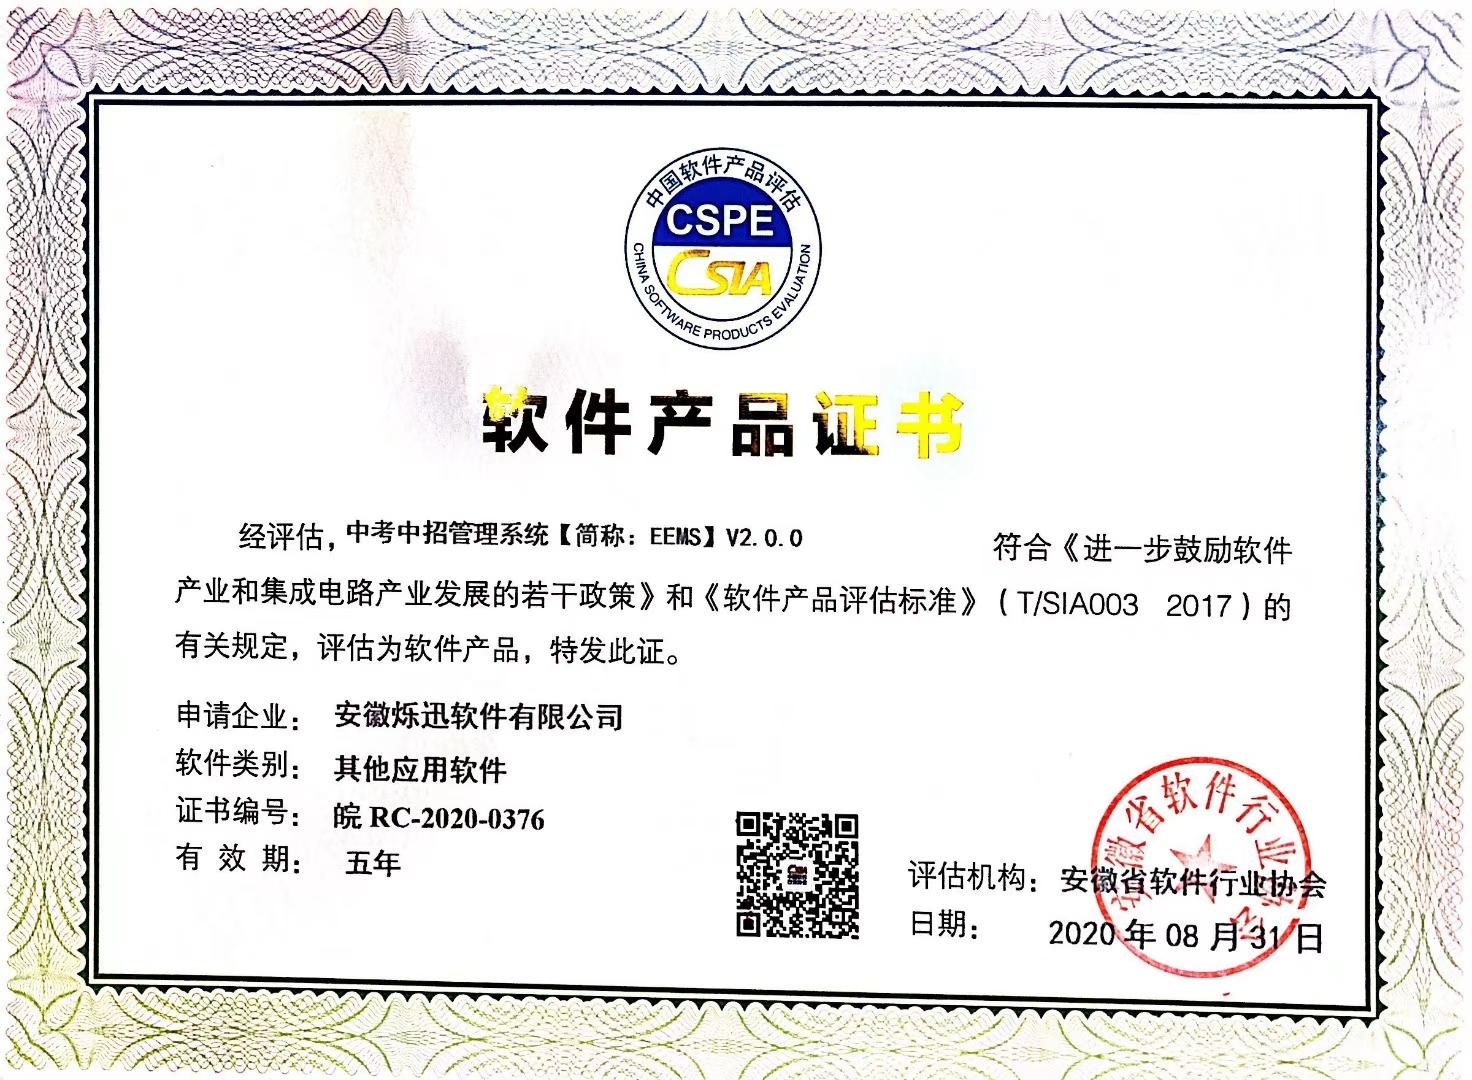 烁迅软件获得双软企业认证